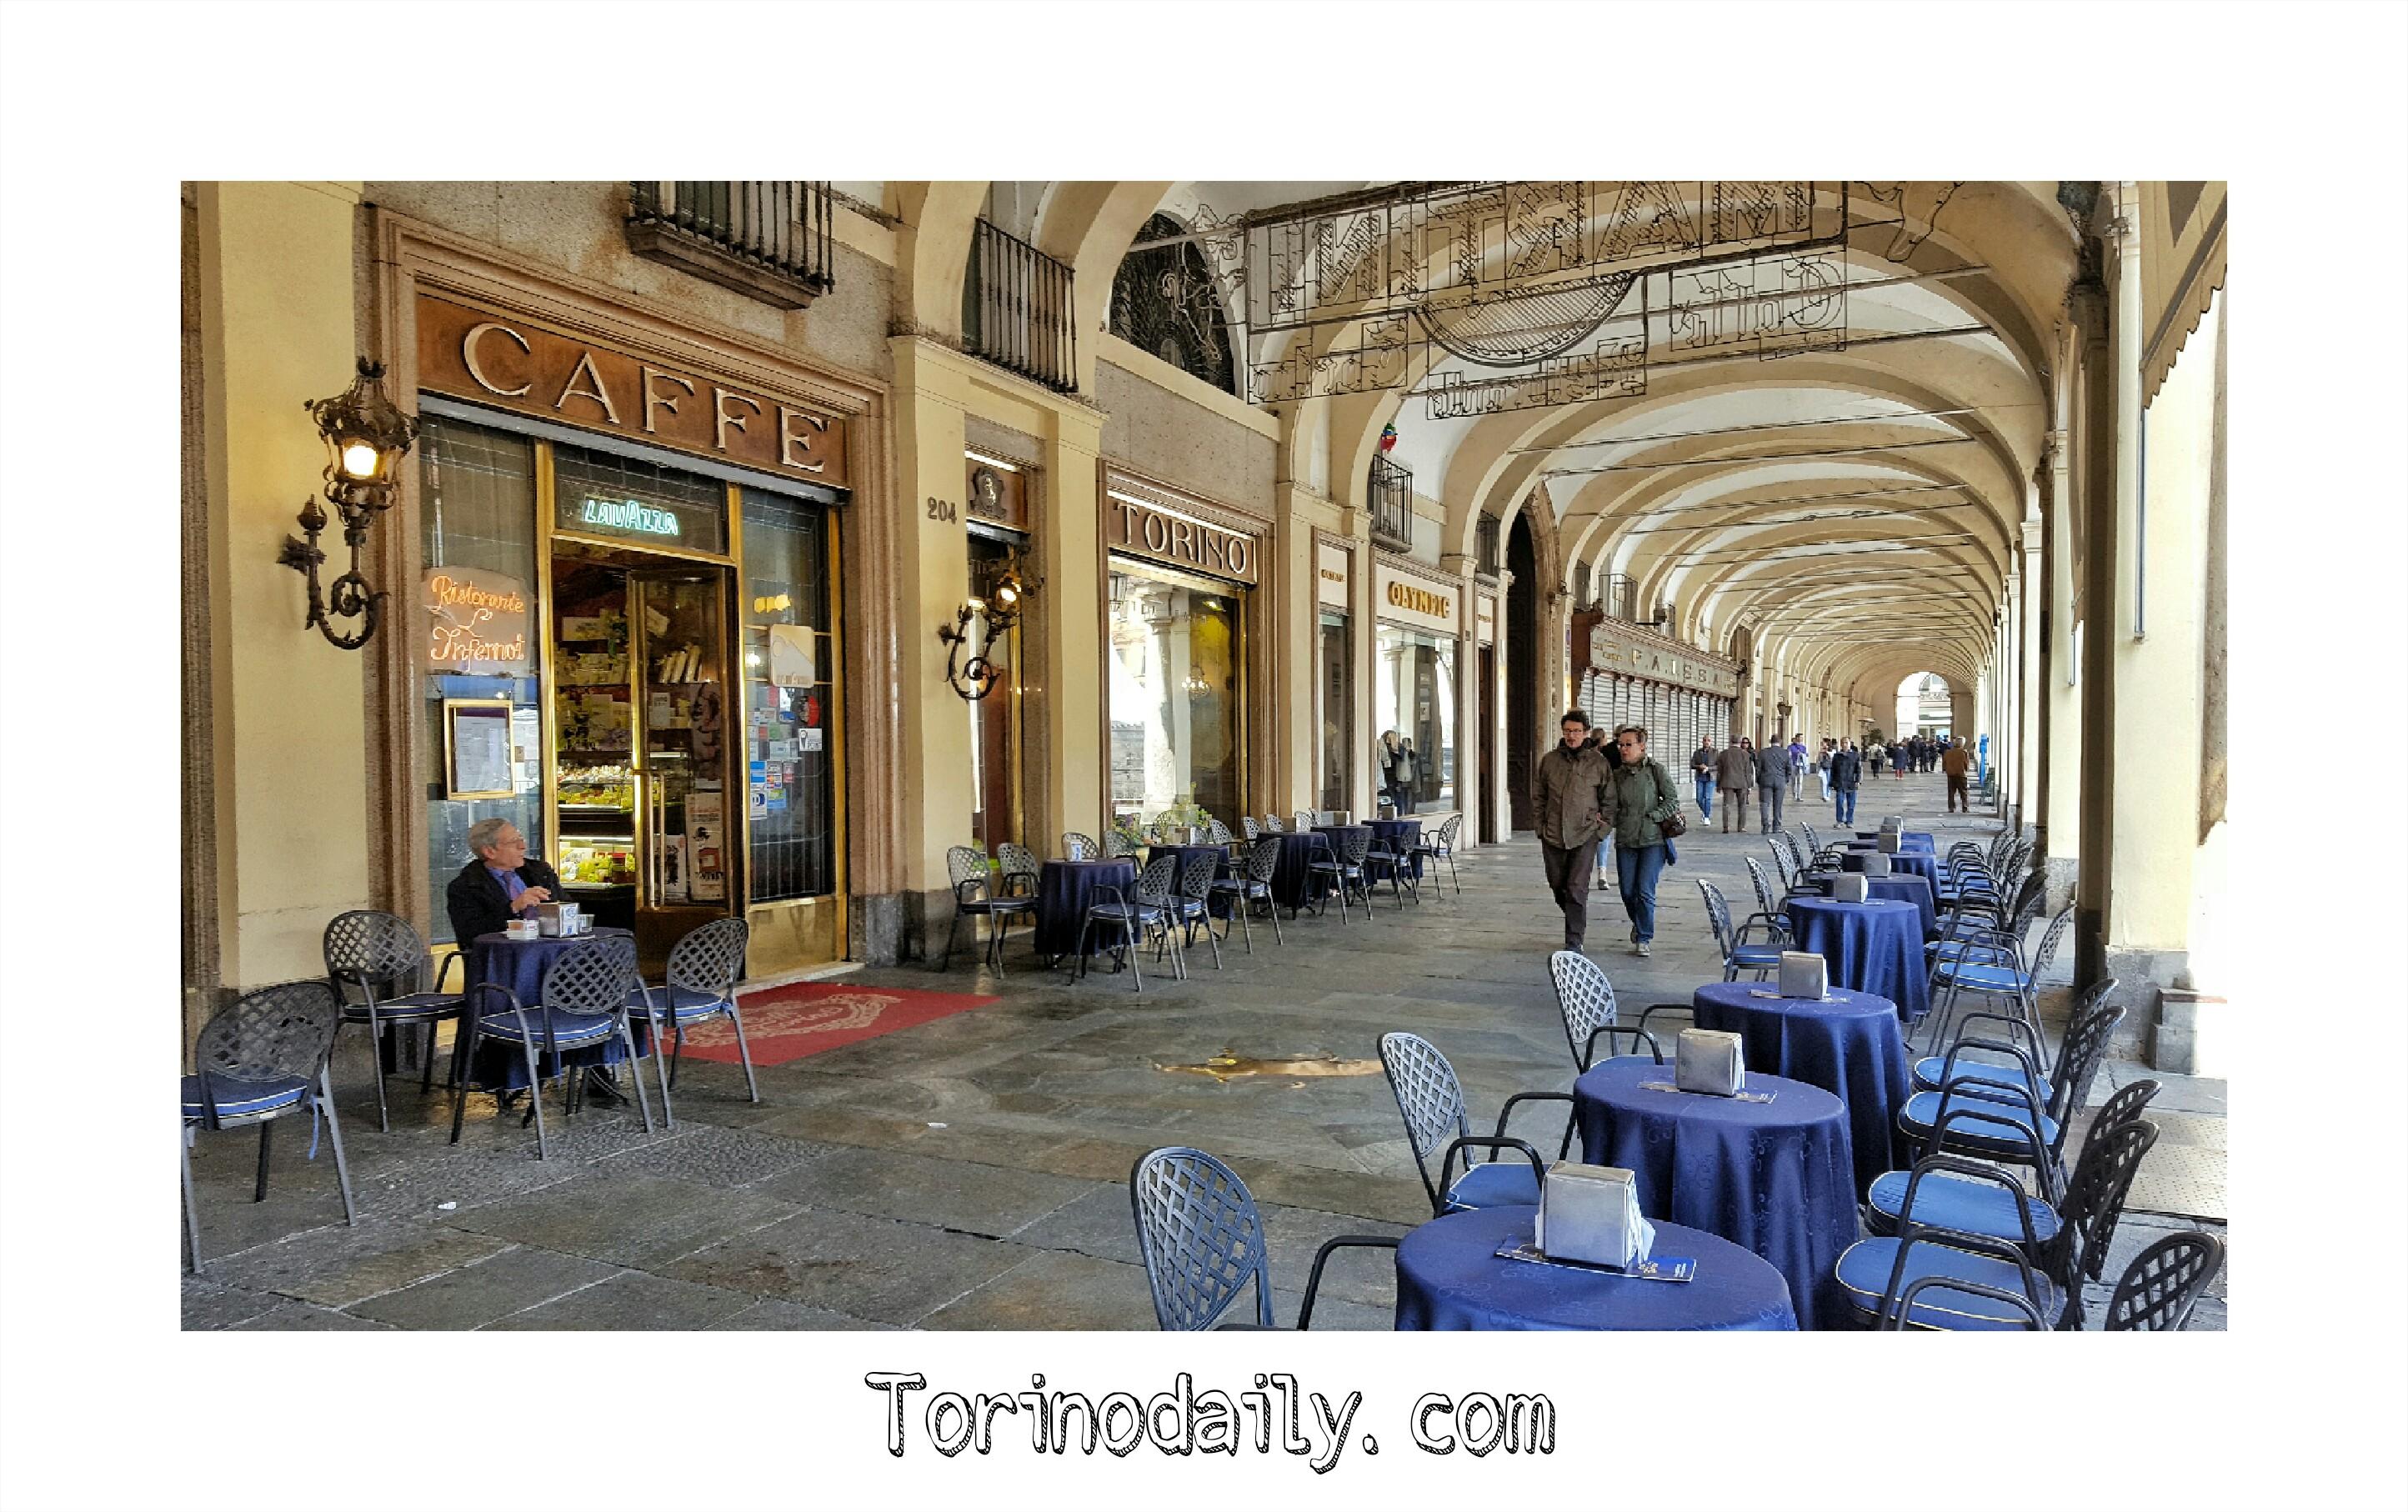 トリノのおすすめ老舗カフェ| 「caffè Torino」カフェトリノ